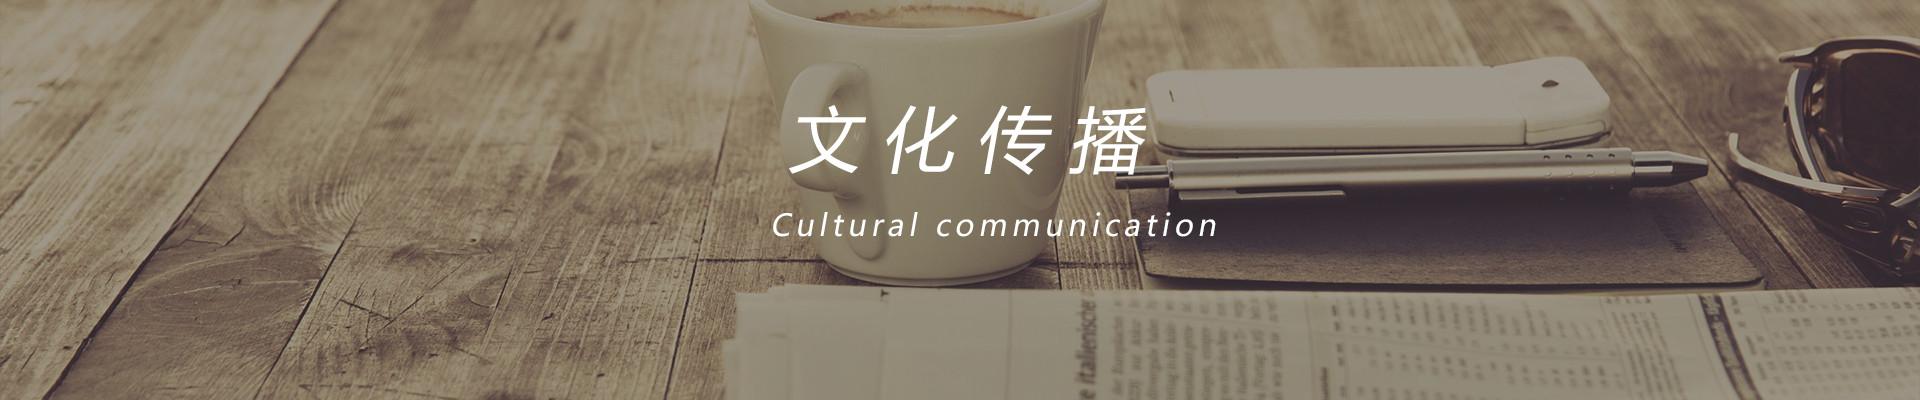 Cultural spread